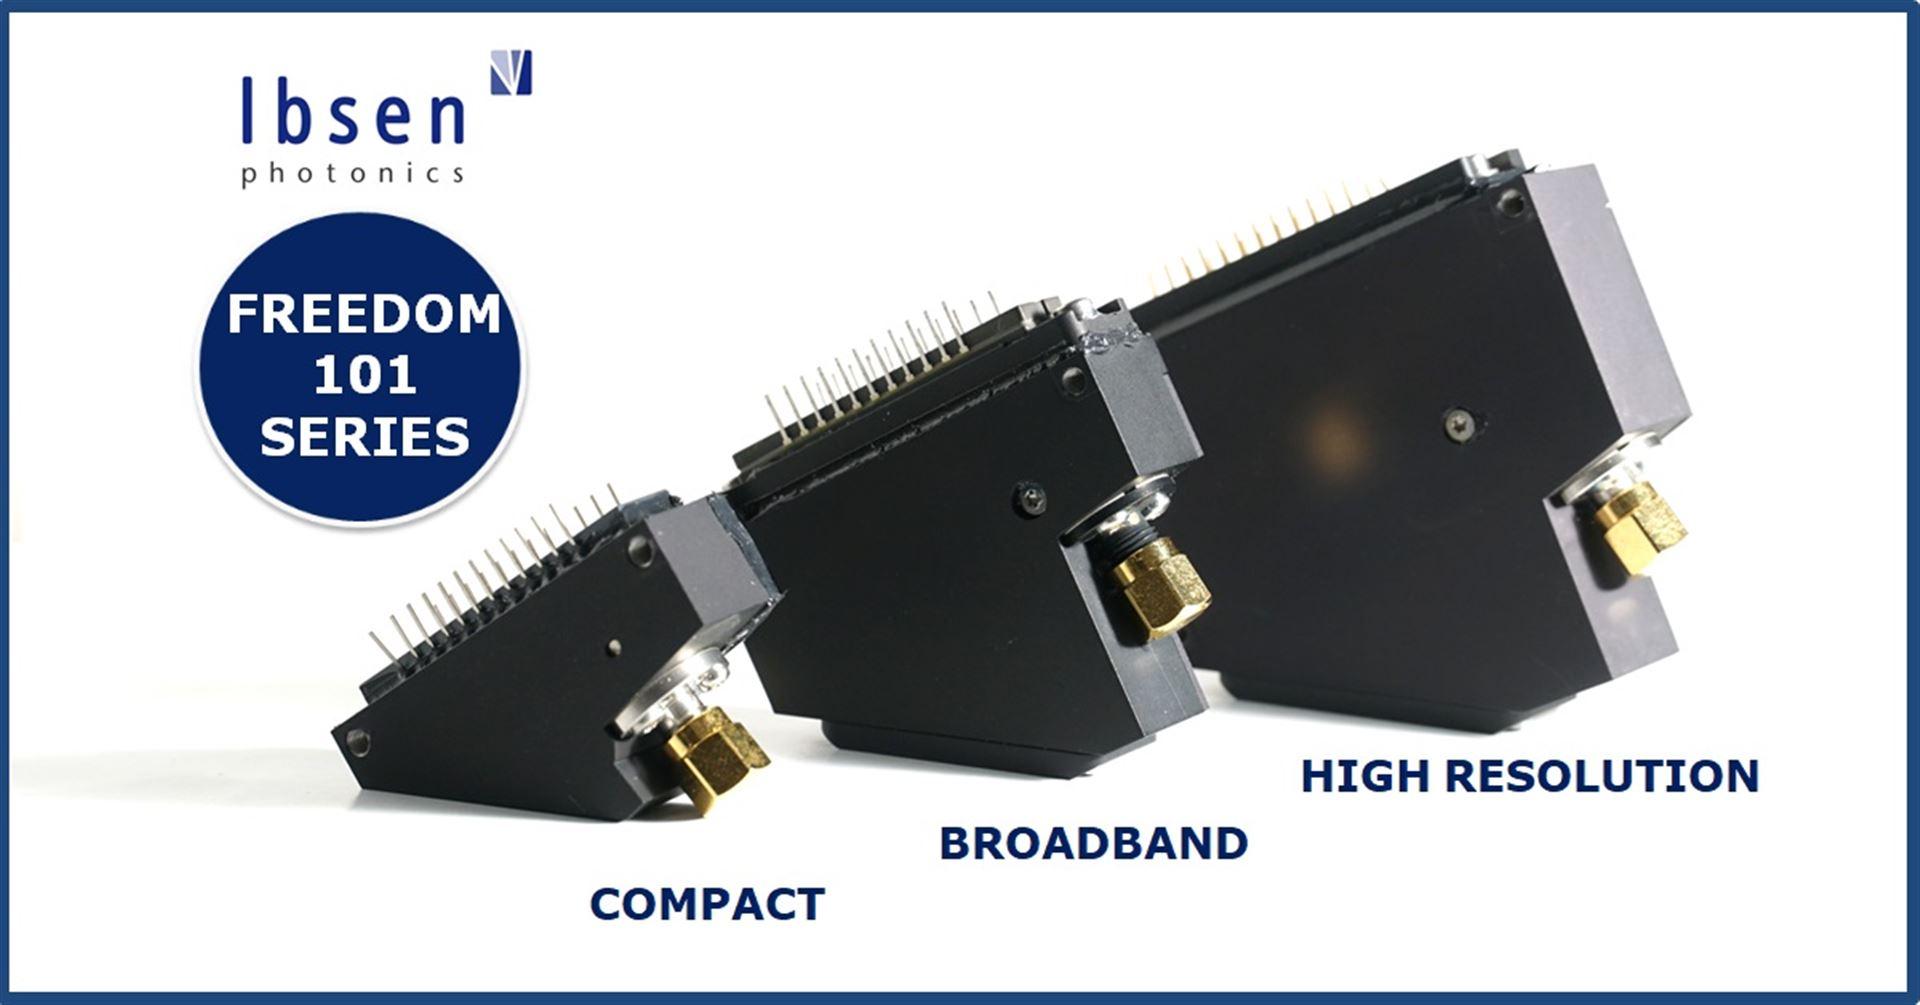 FREEDOM OEM Spectrometer Series